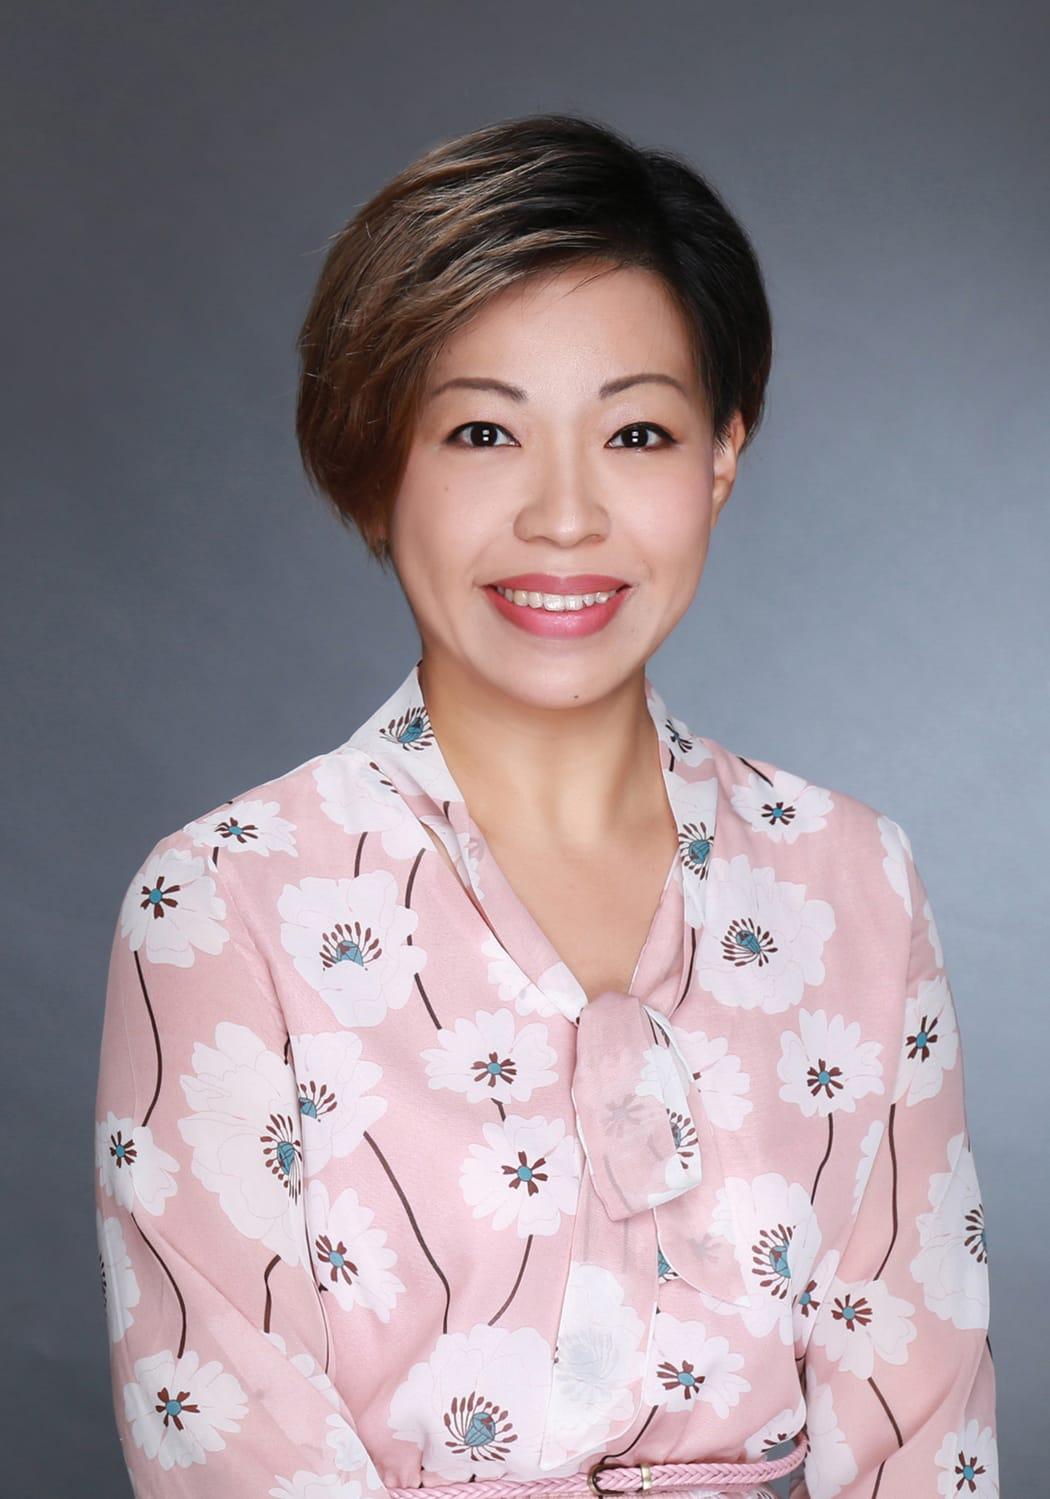 Alexis Puah